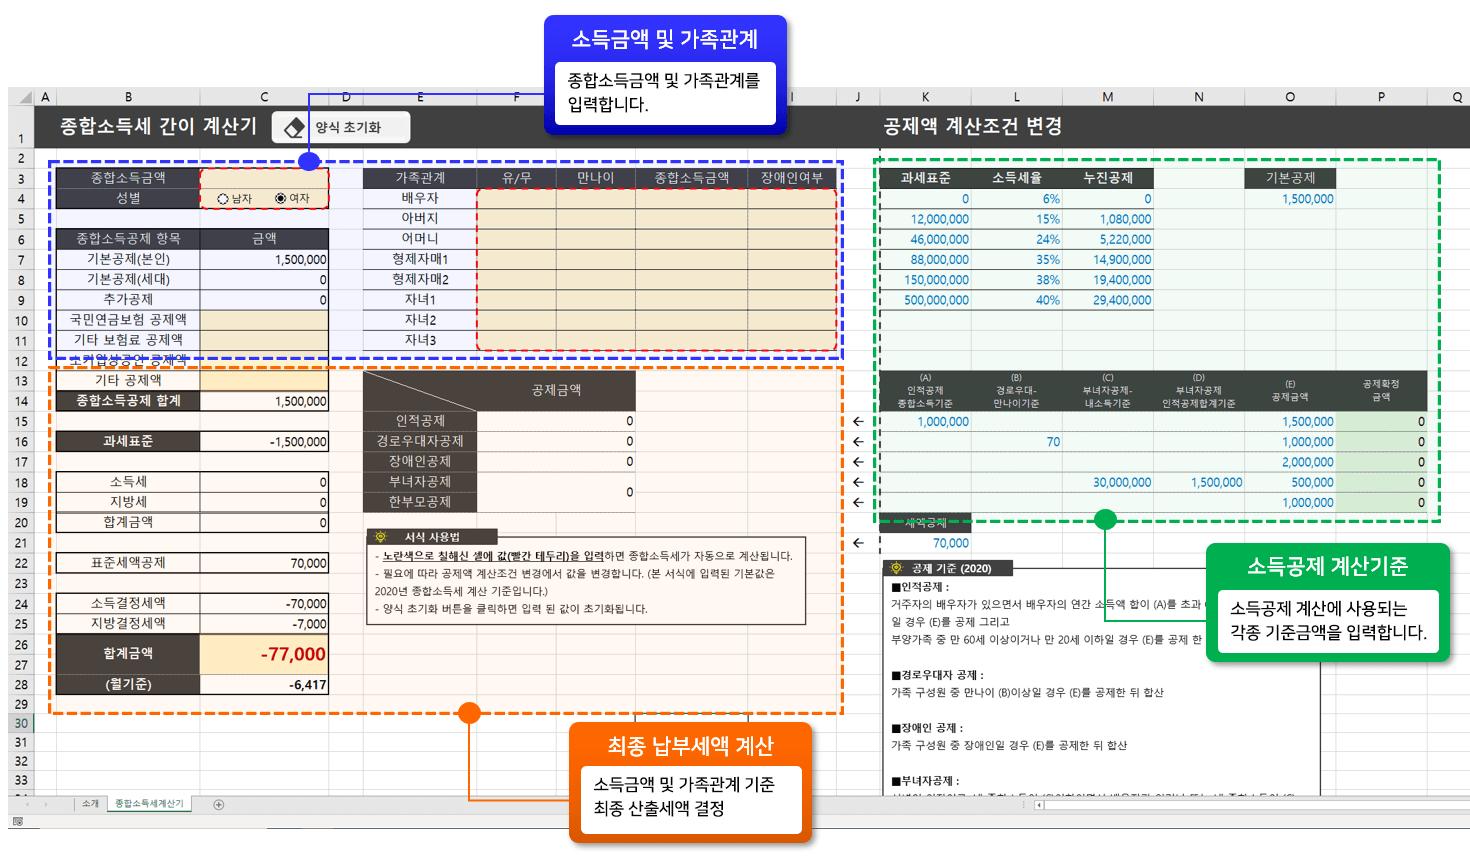 엑셀 종합소득세 계산기 구성